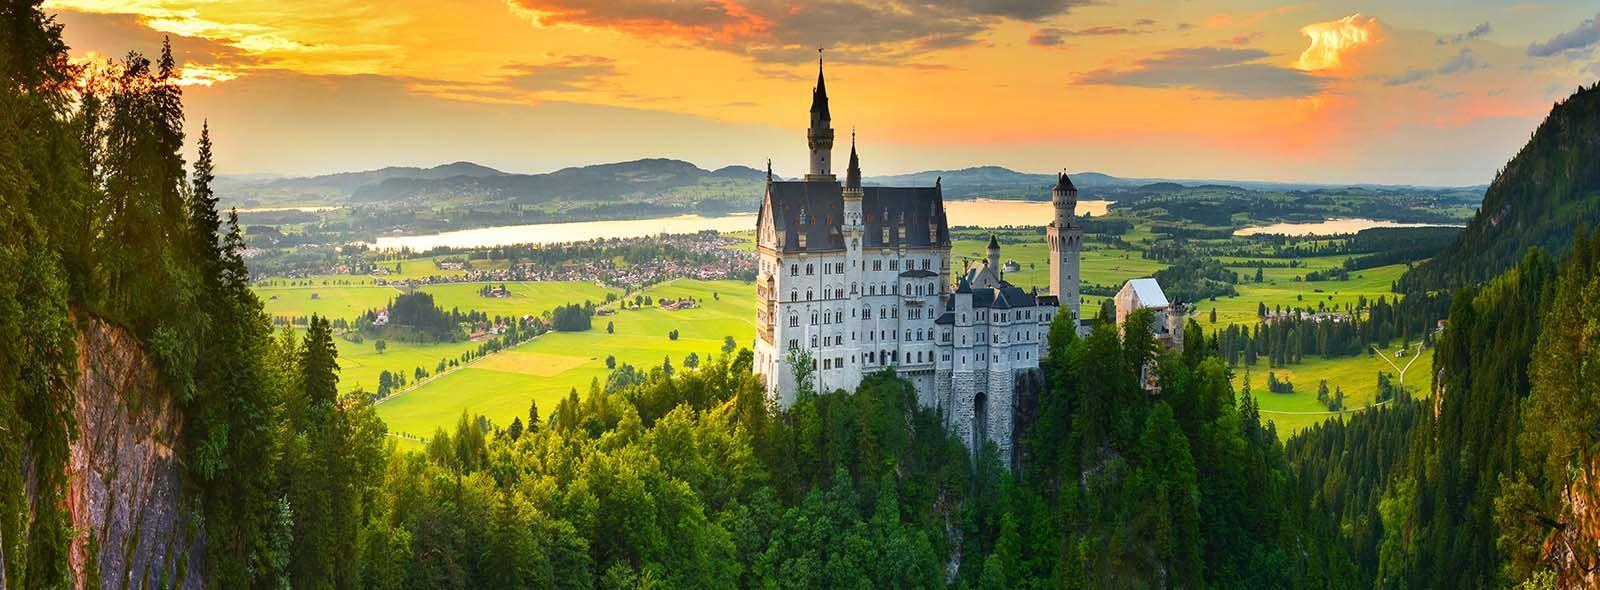 Dove si trova il castello di Neuschwanstein